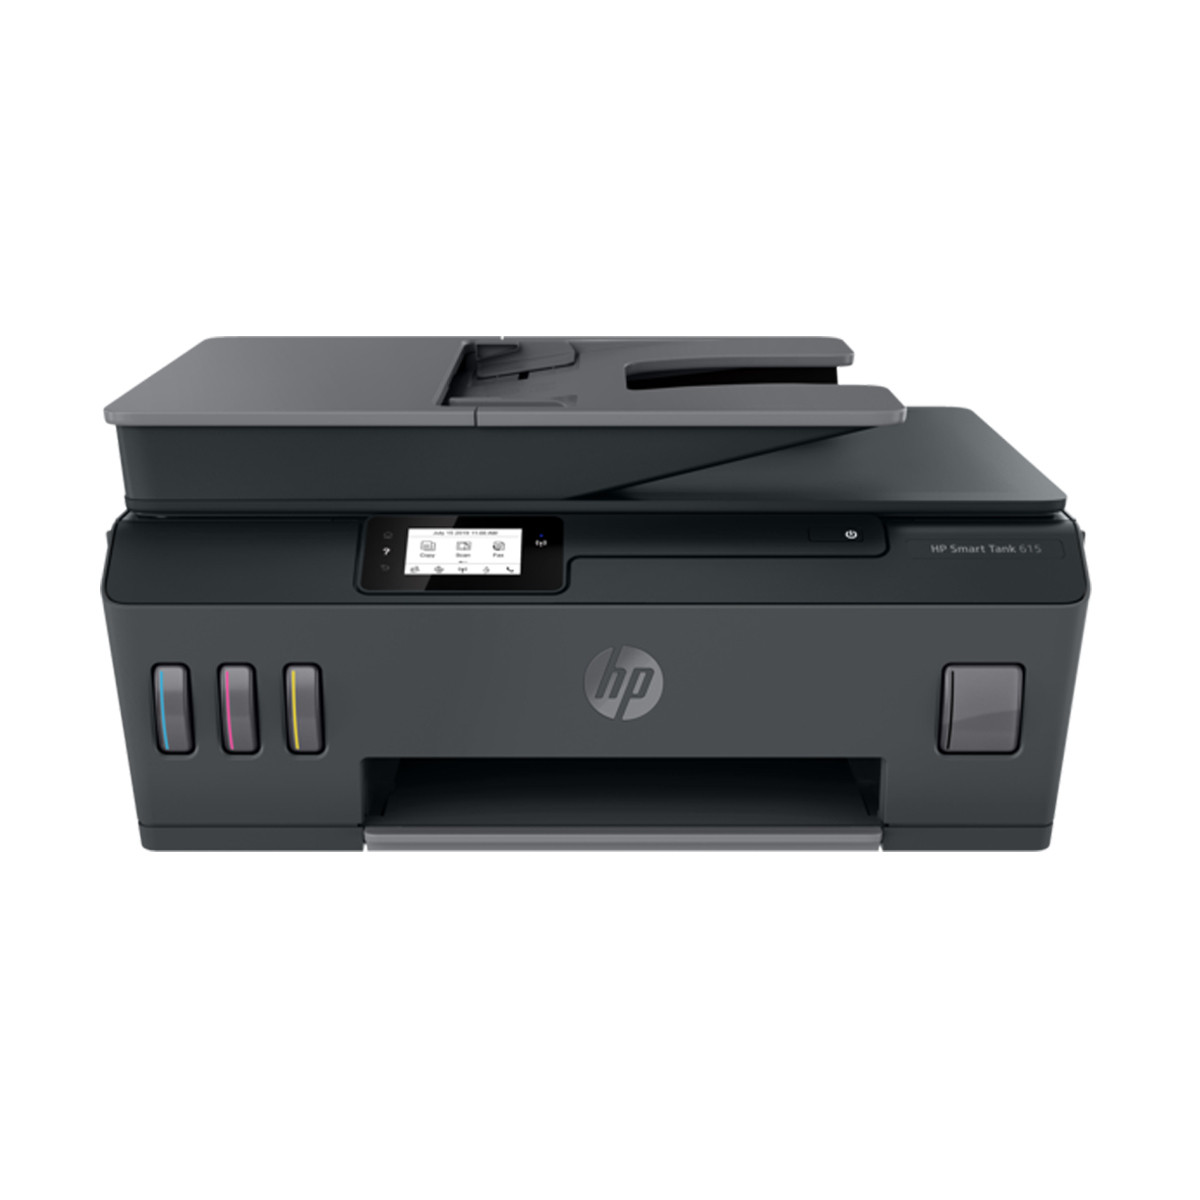 Impressora HP Smart Tank 617 Y0F72A Multifuncional com Wireless